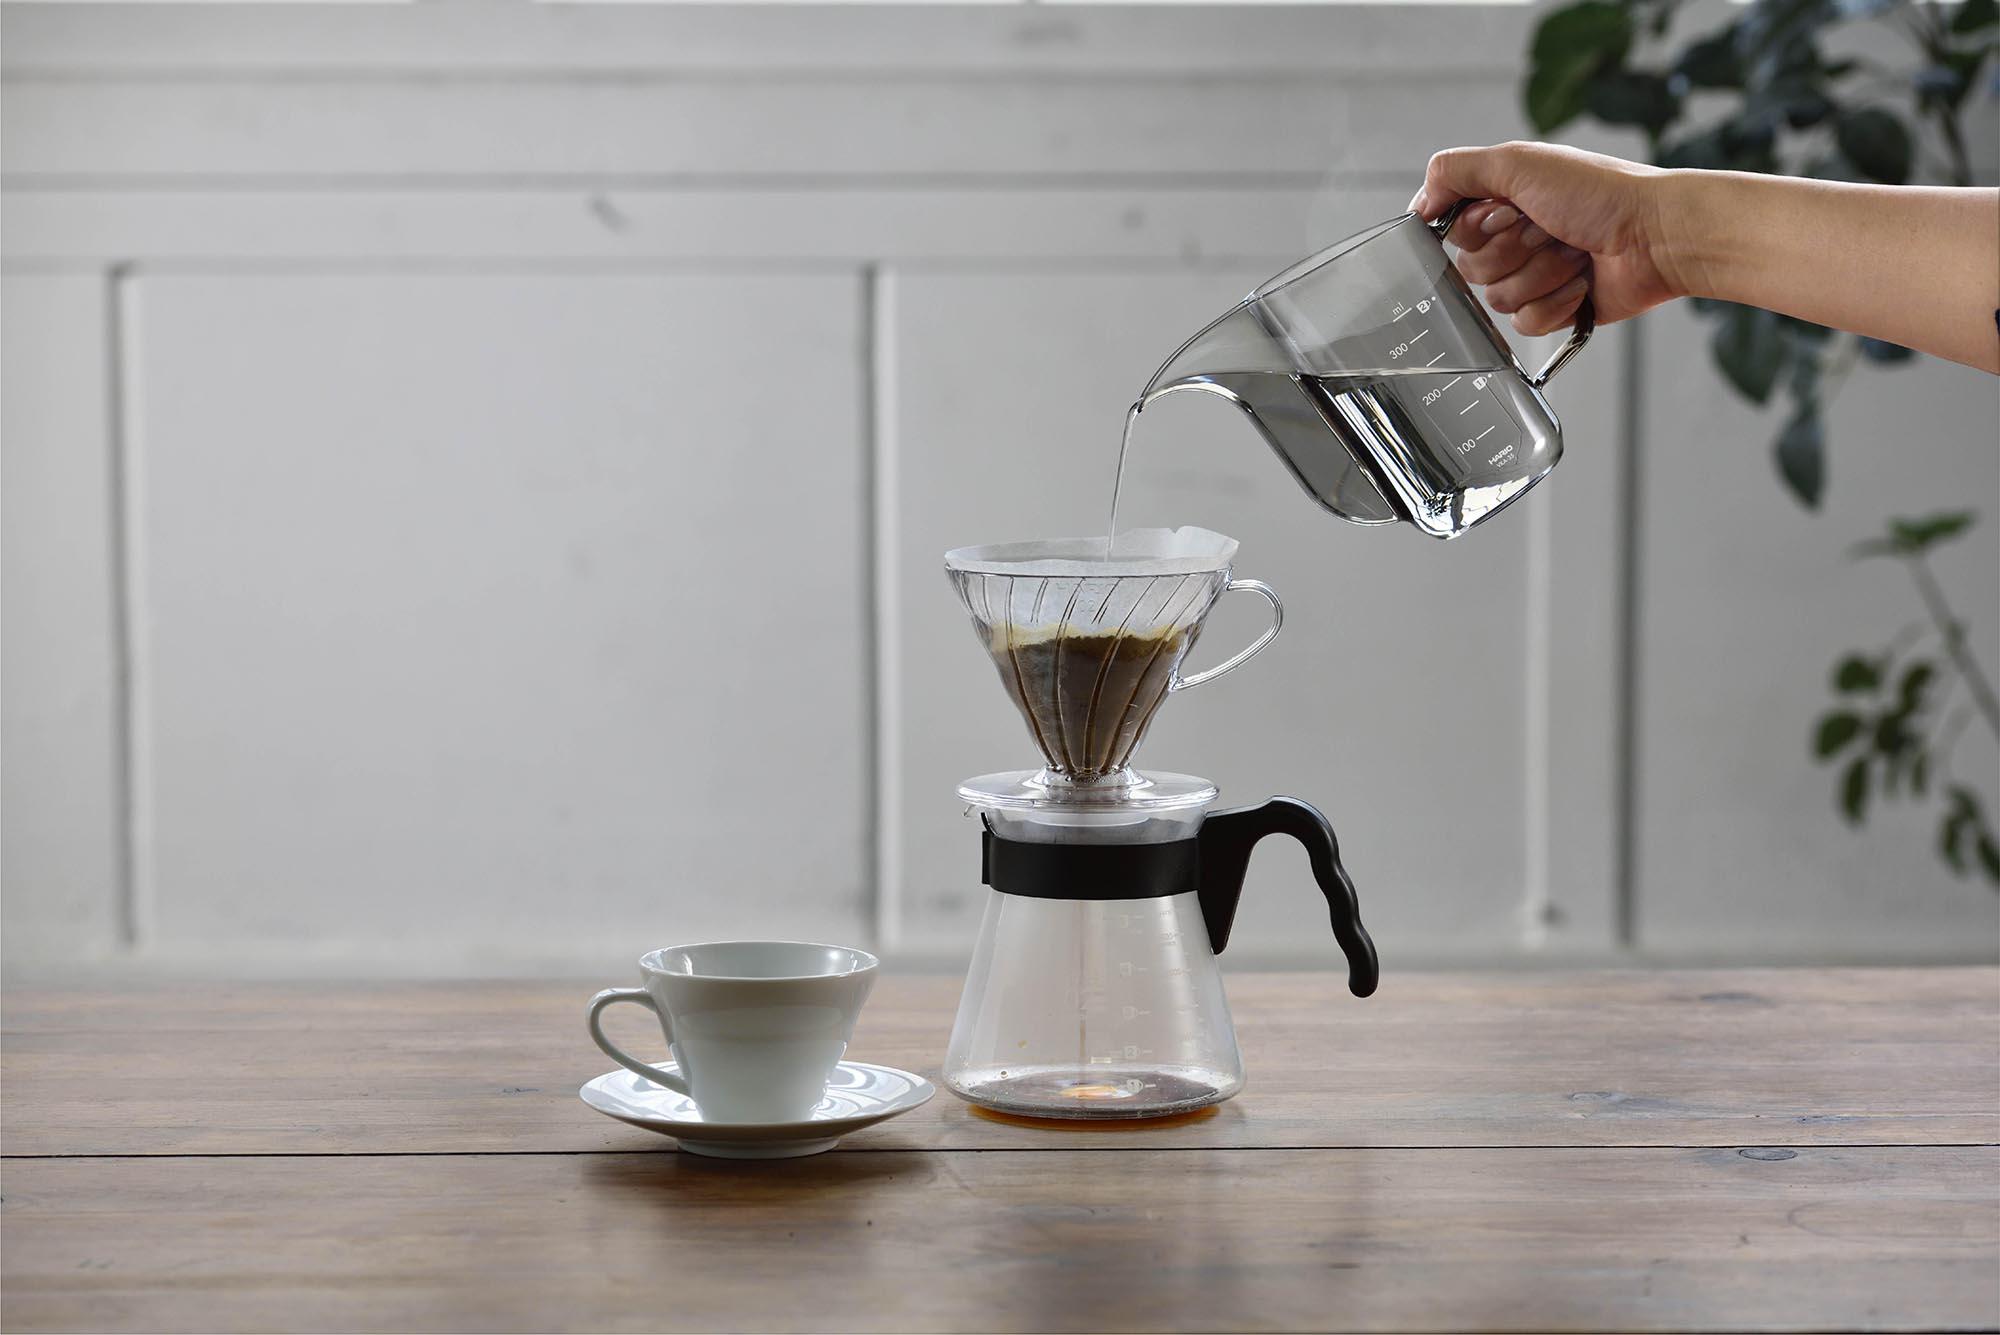 HARIO V60ドリップケトル・エアーでコーヒーを淹れている